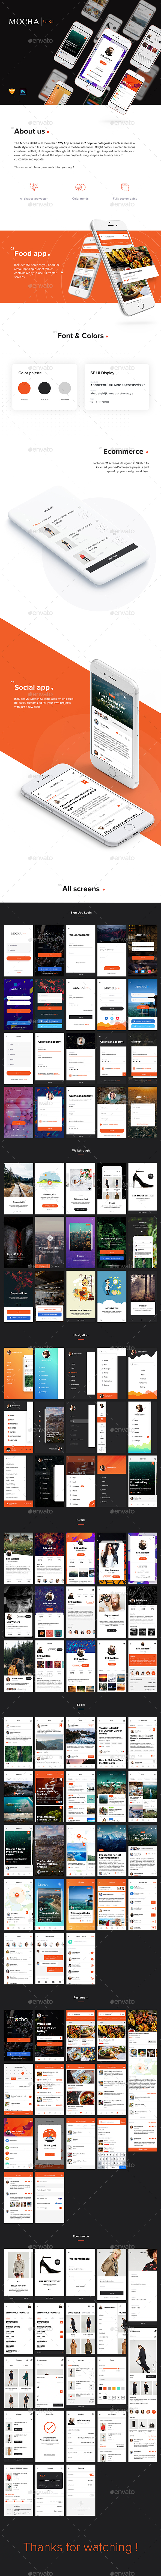 GraphicRiver Mocha Mobile UI Kit 21026645